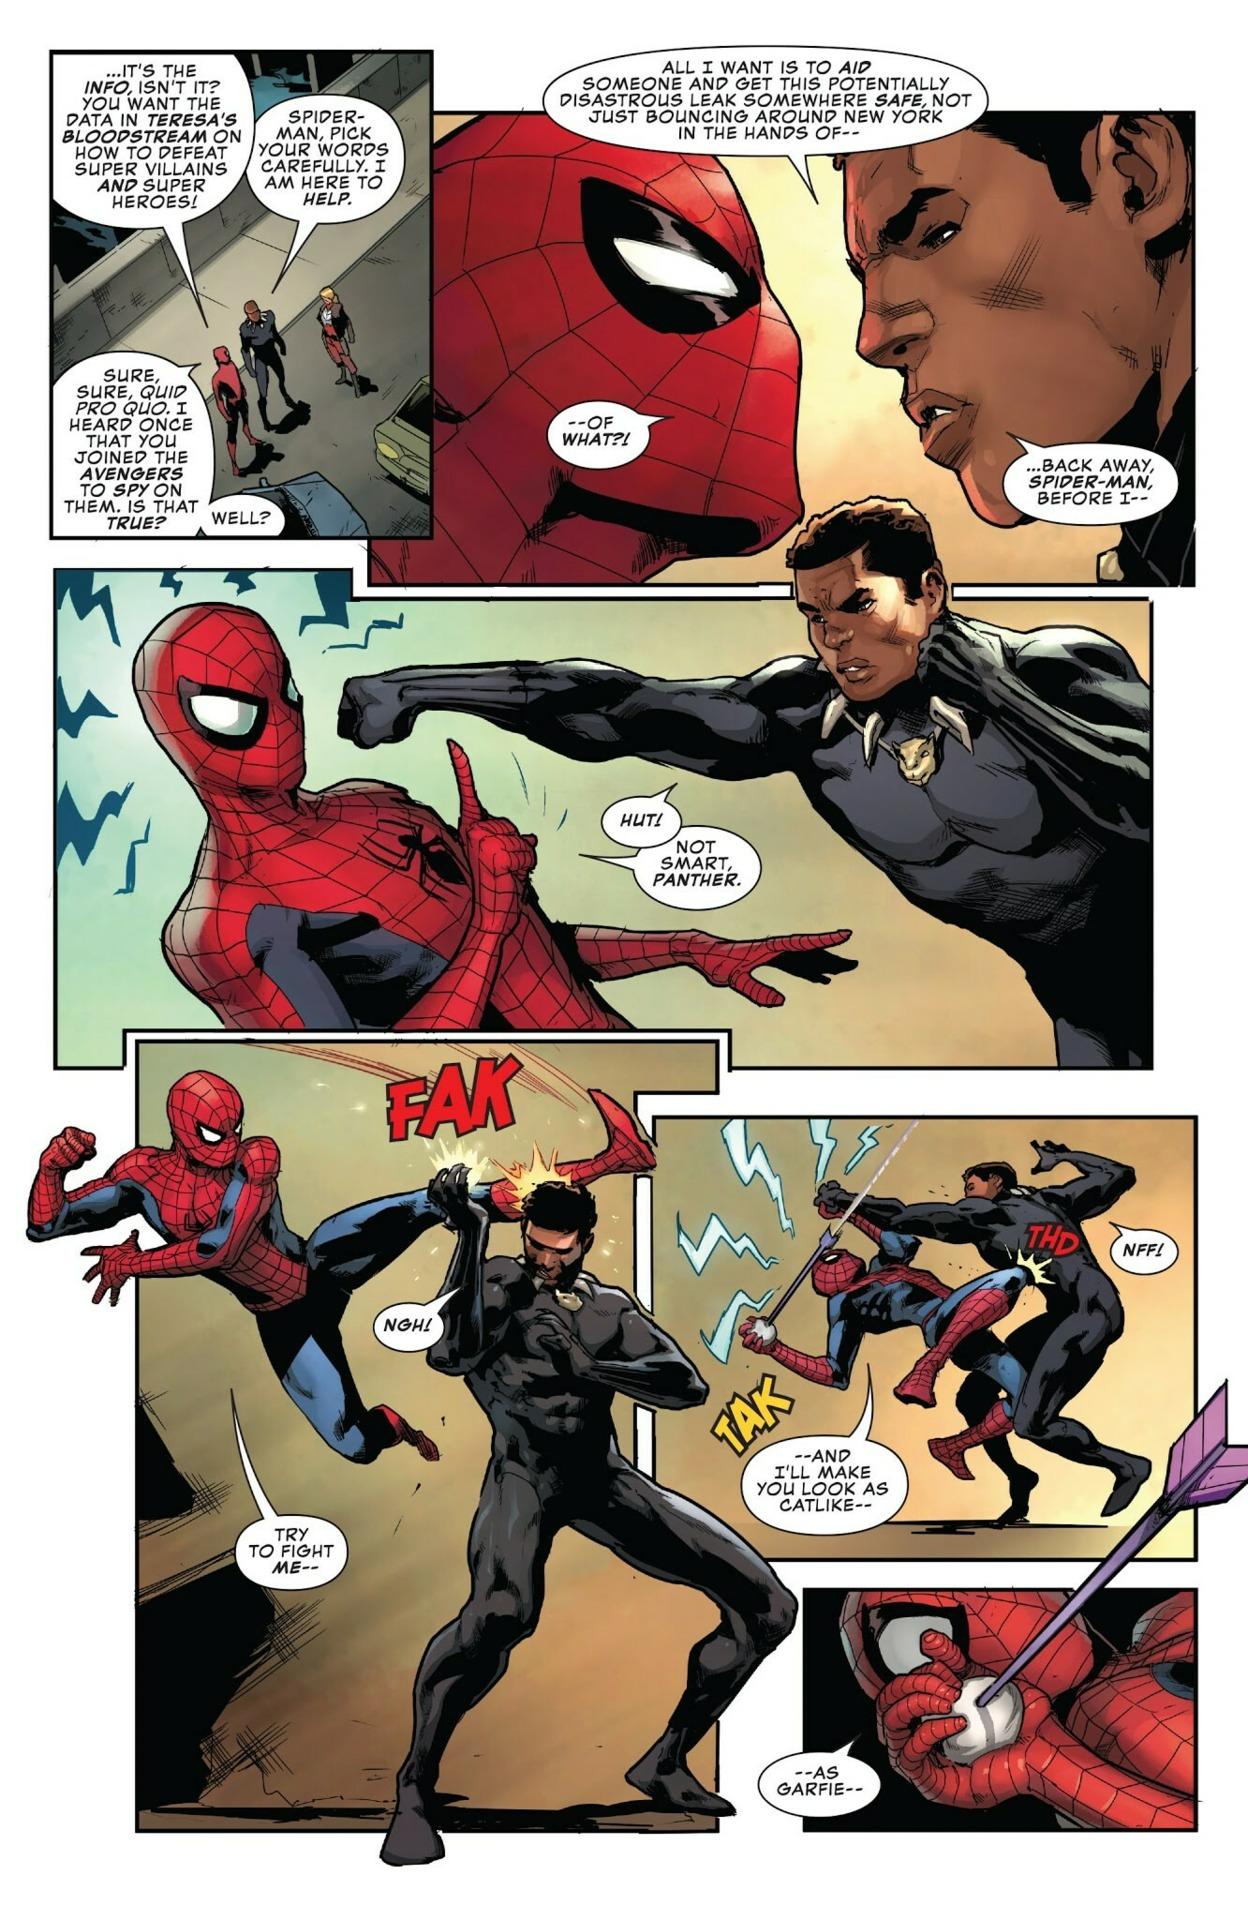 Spectacular Spider-Man #299